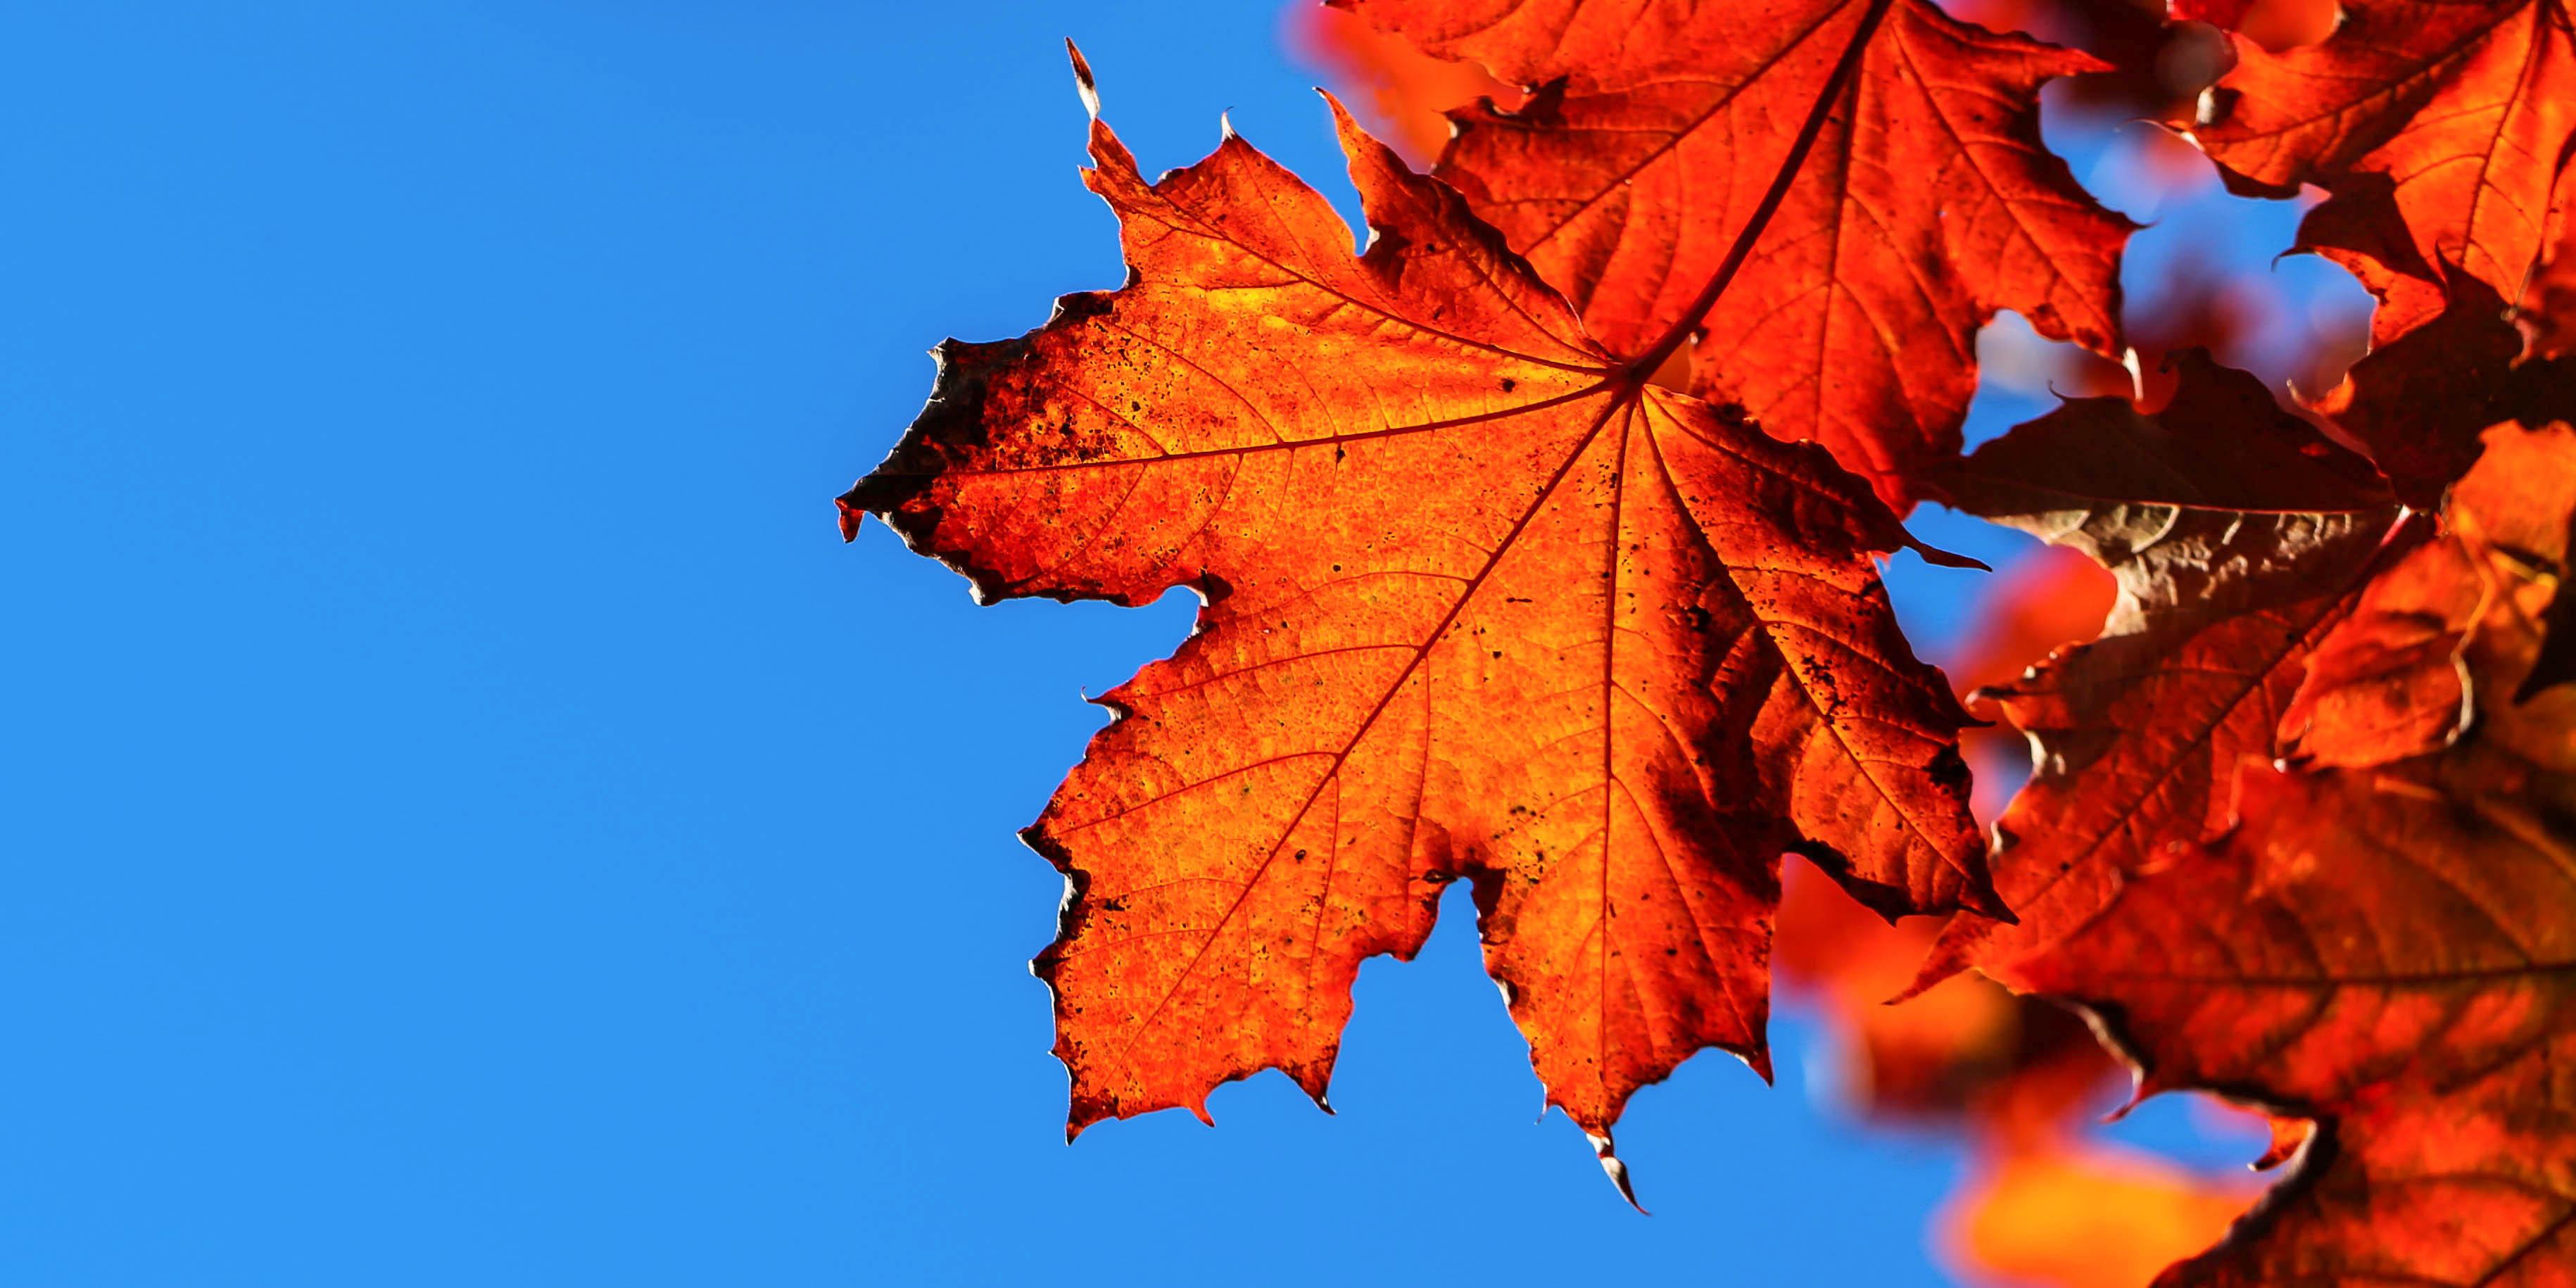 Autumn leaf against blue sky